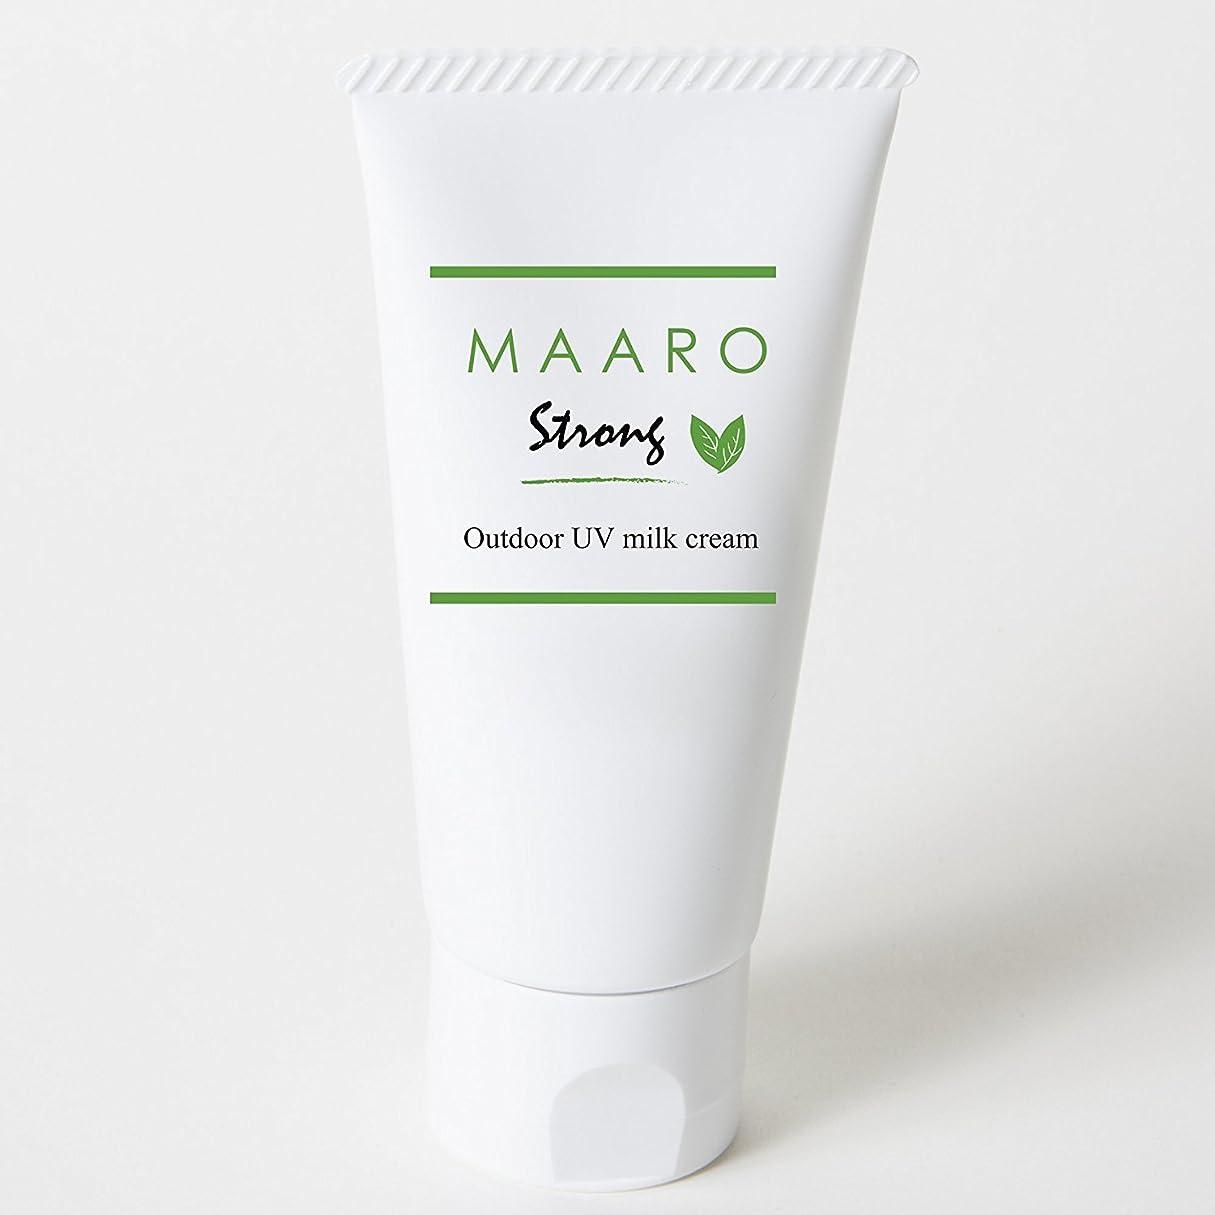 知的法王驚MAARO Strong(マアロストロング)アロマミルククリーム SPF30、PA+++ 60ml